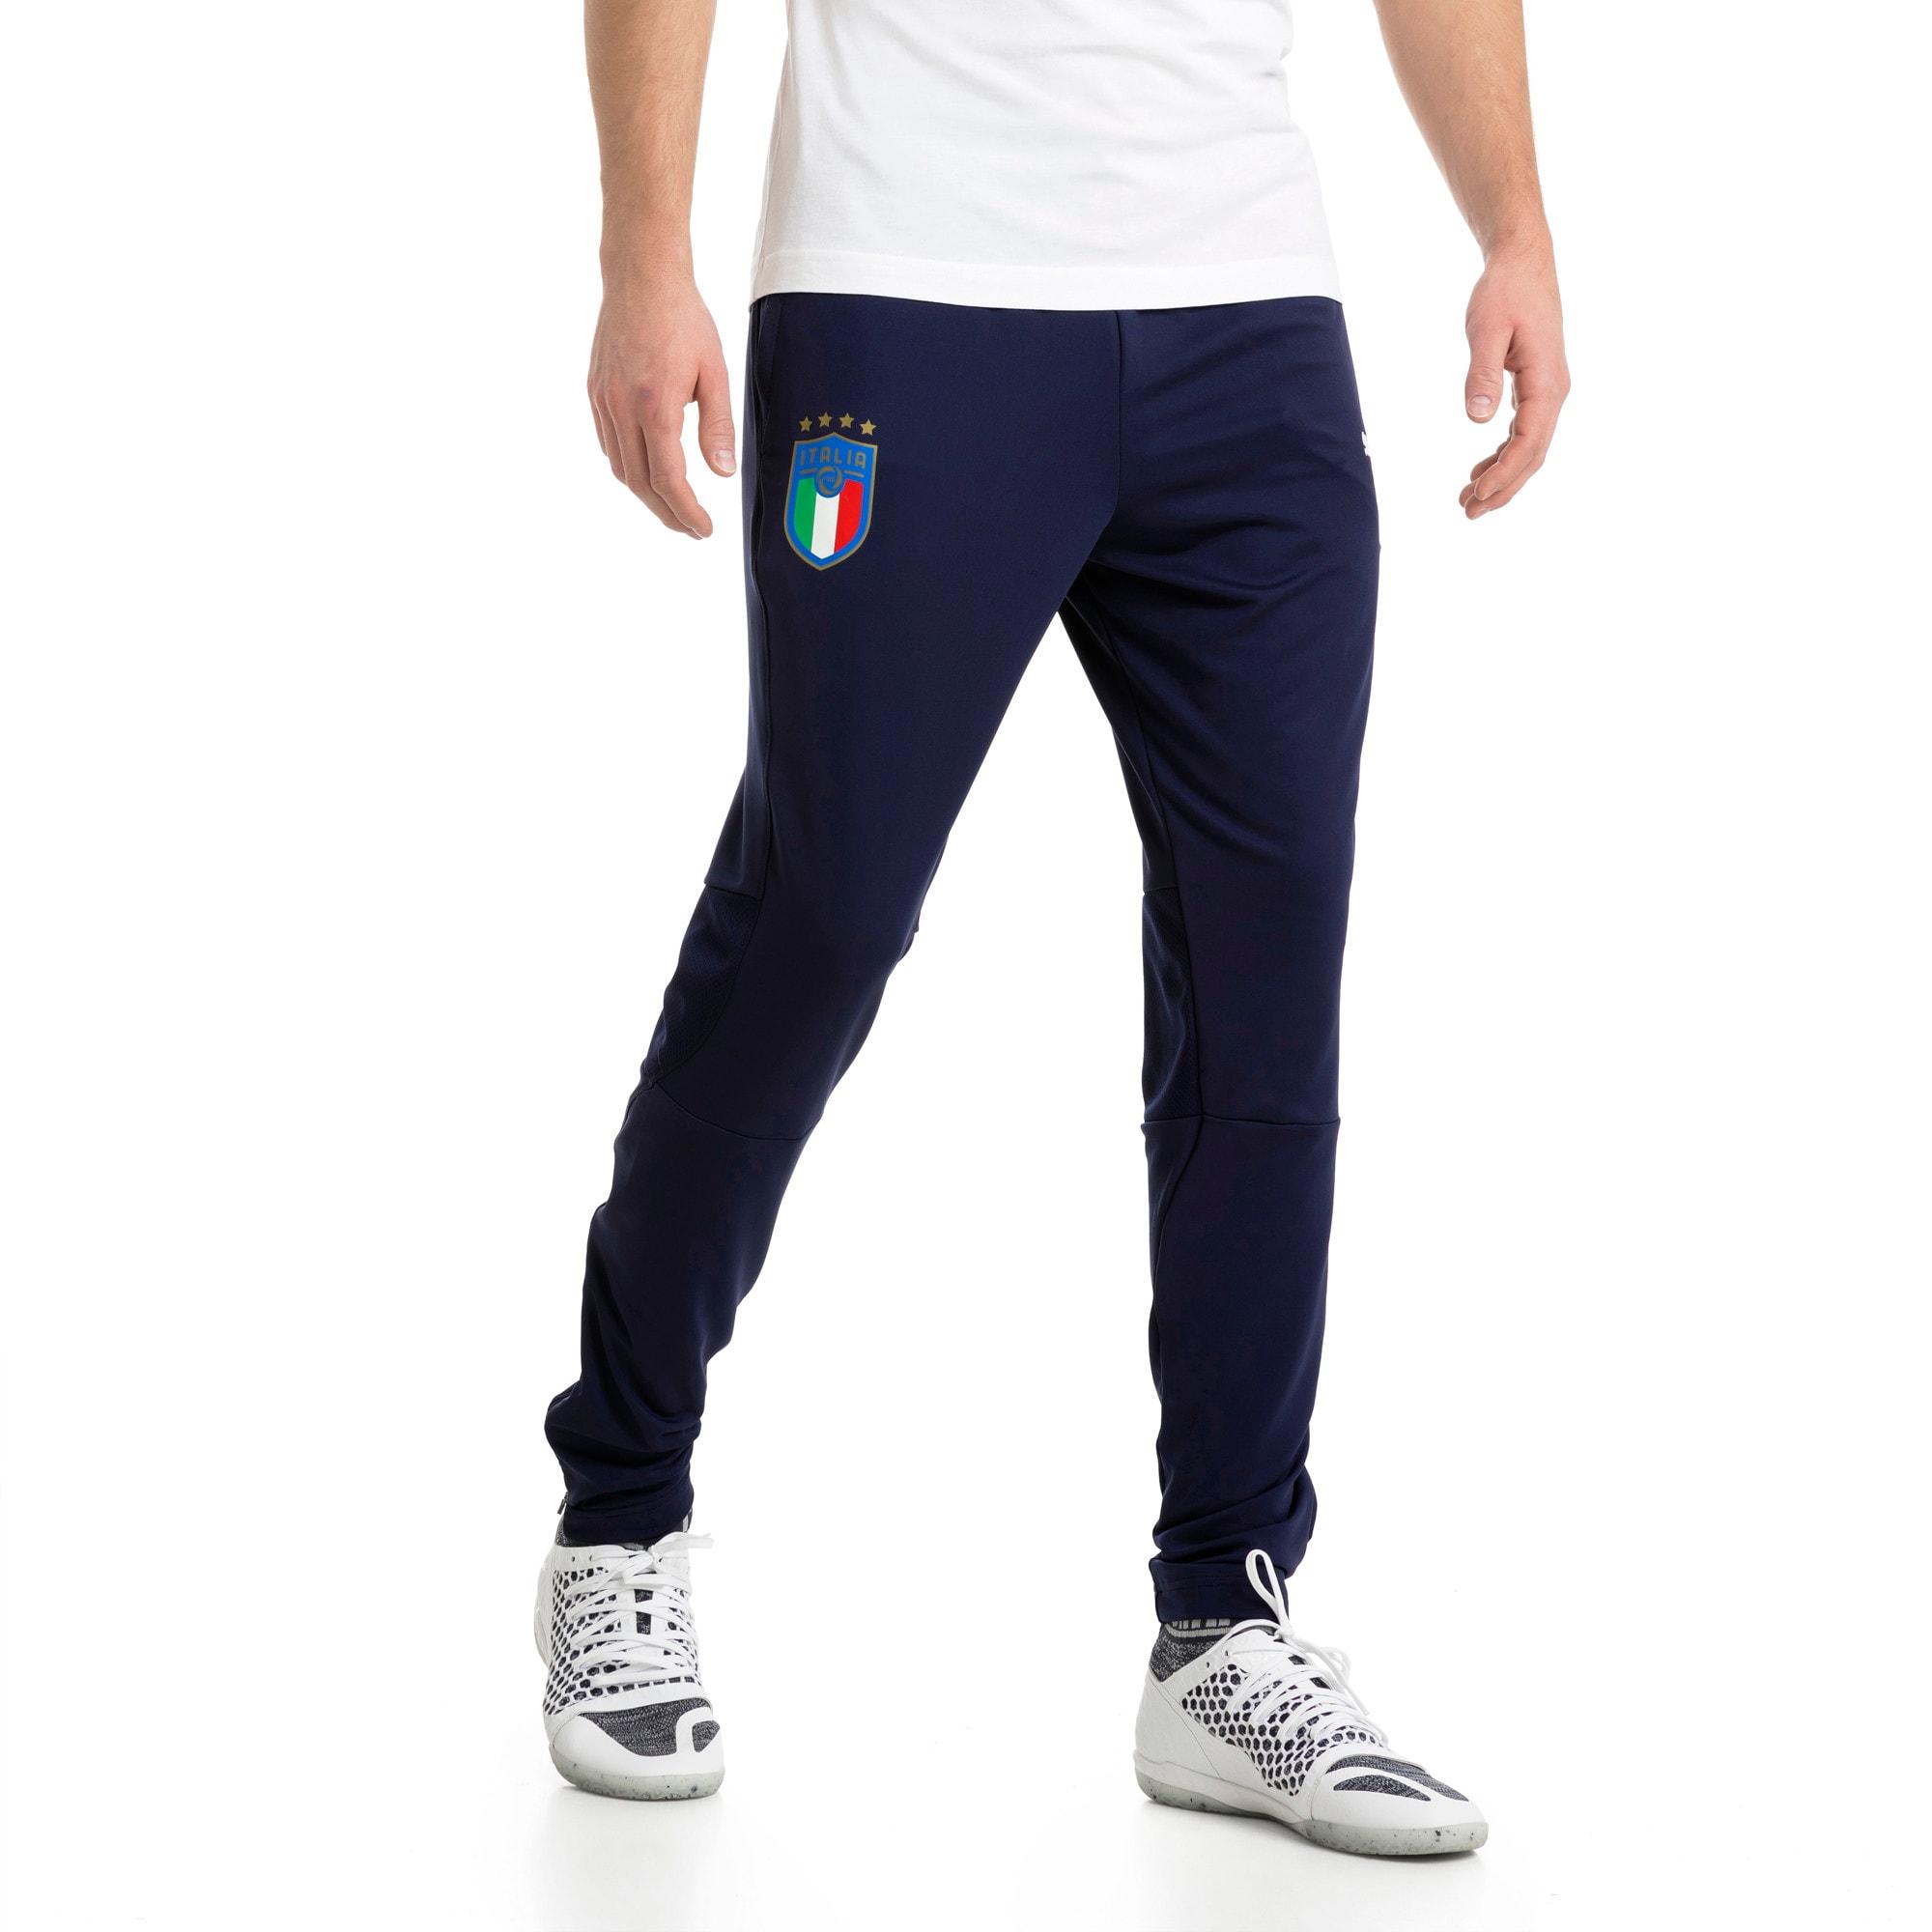 Thumbnail 2 of Italia Training Pants Zipped Pockets, Peacoat, medium